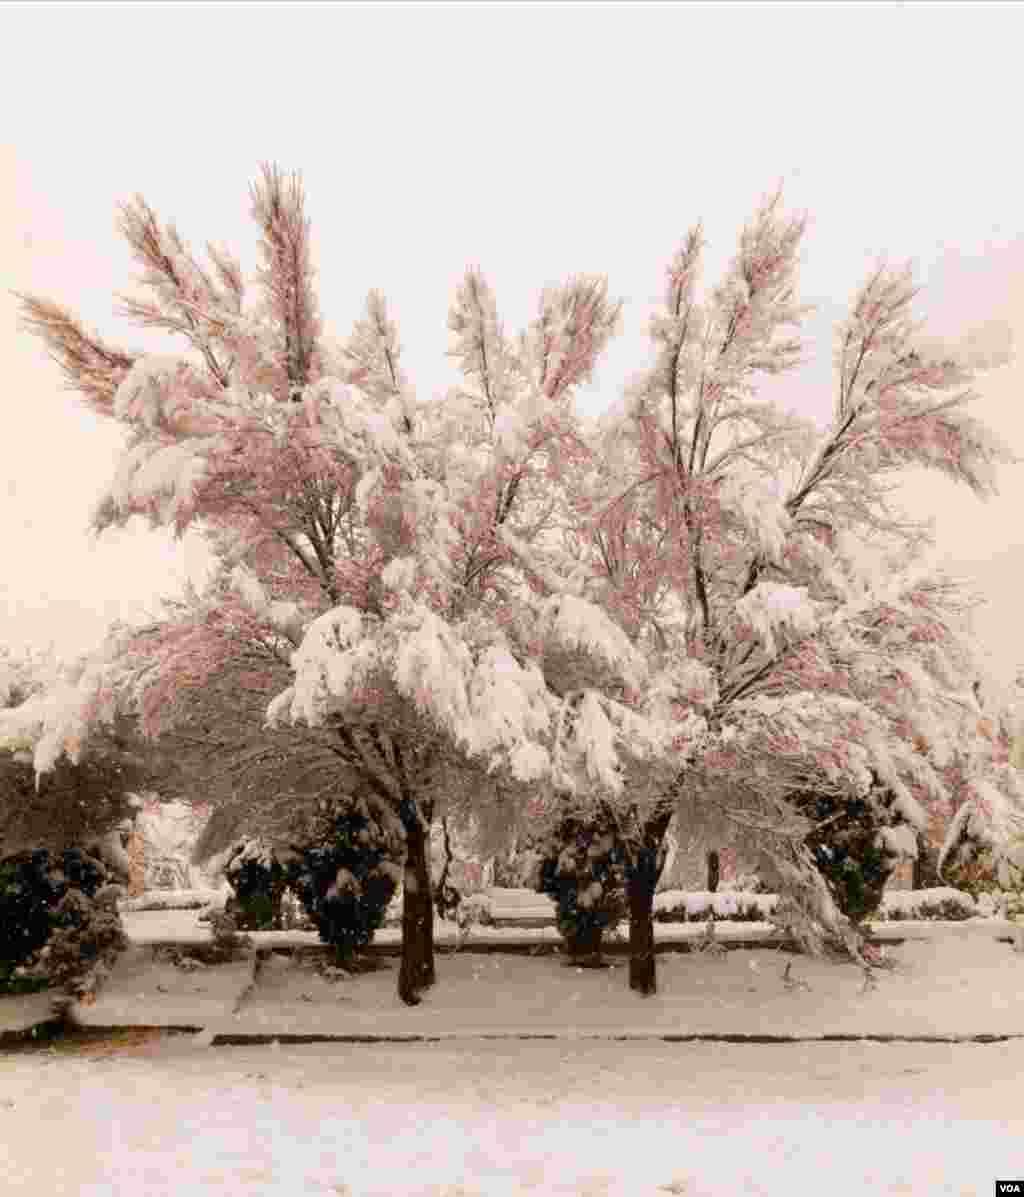 بلوار شاهین تهران عکس: کوروش (ارسالی شما)